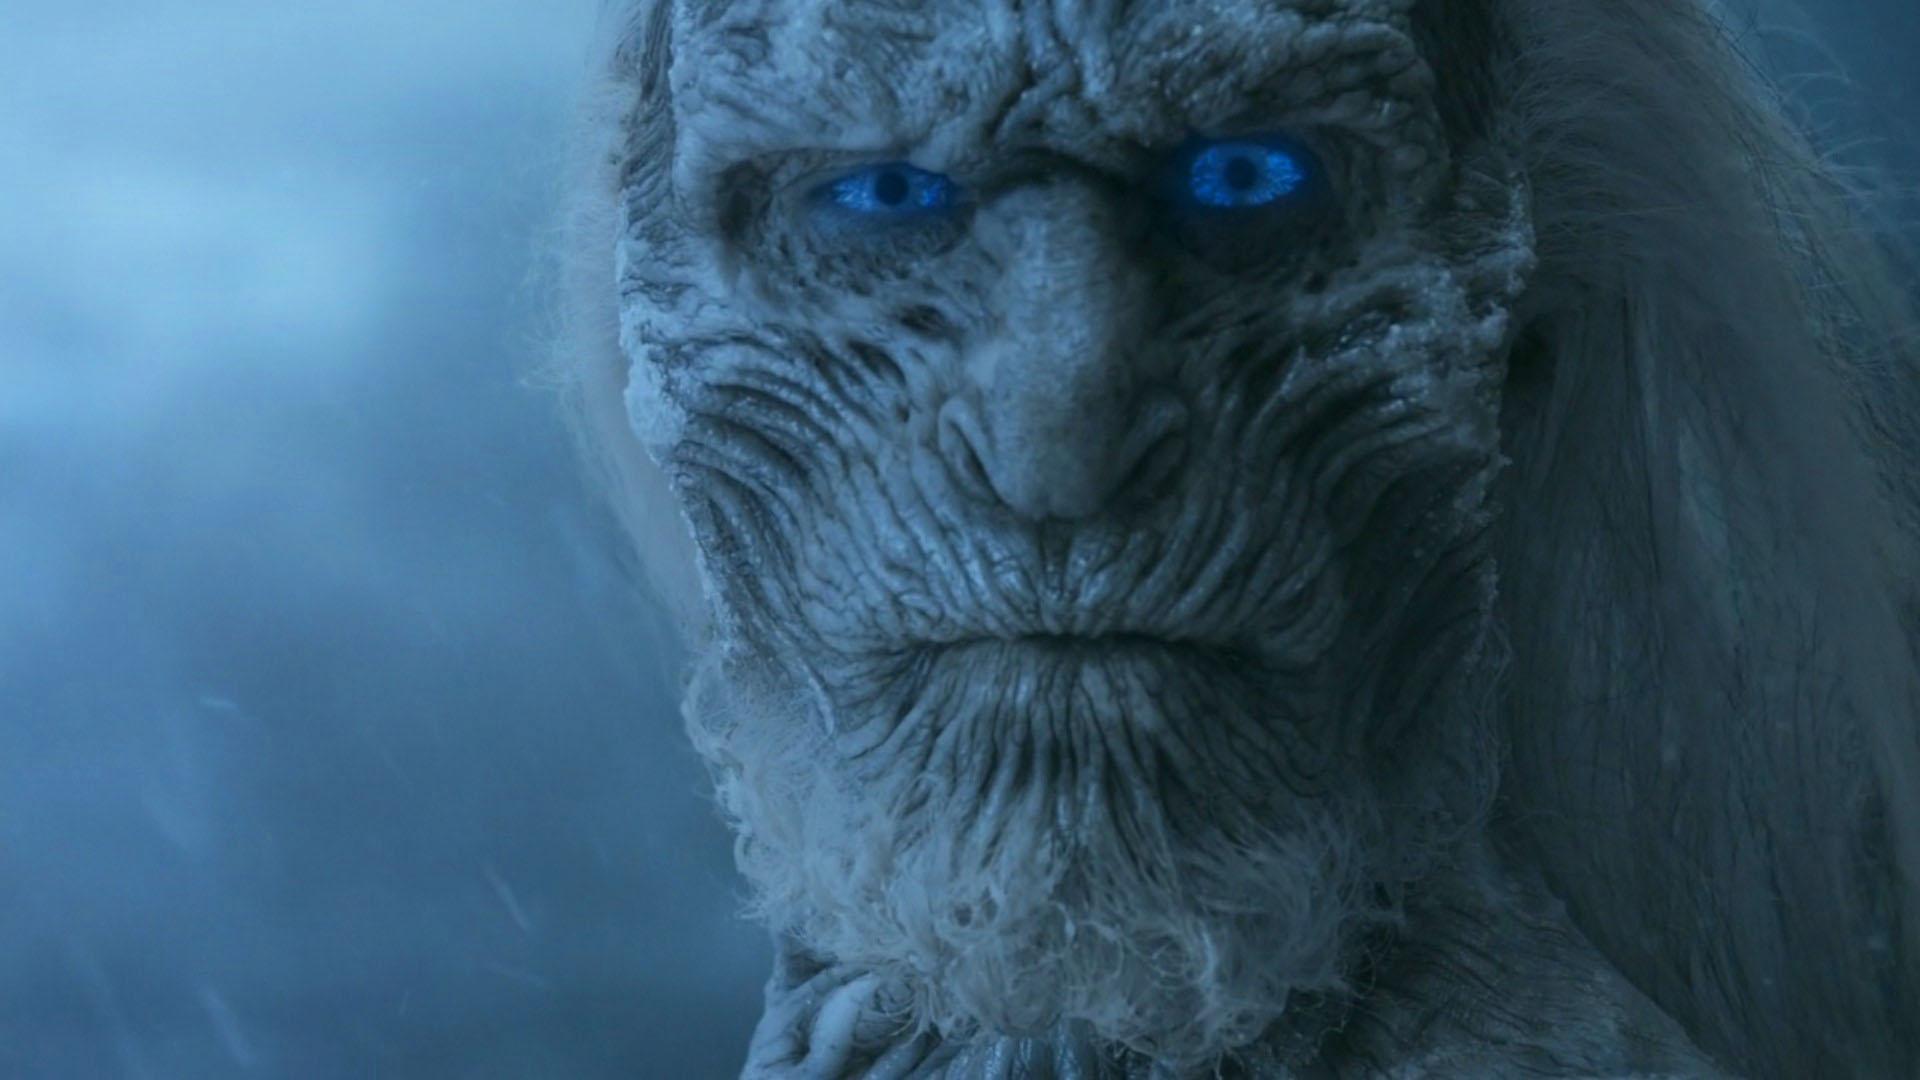 Comment sont faits les visages dans Game of Thrones?